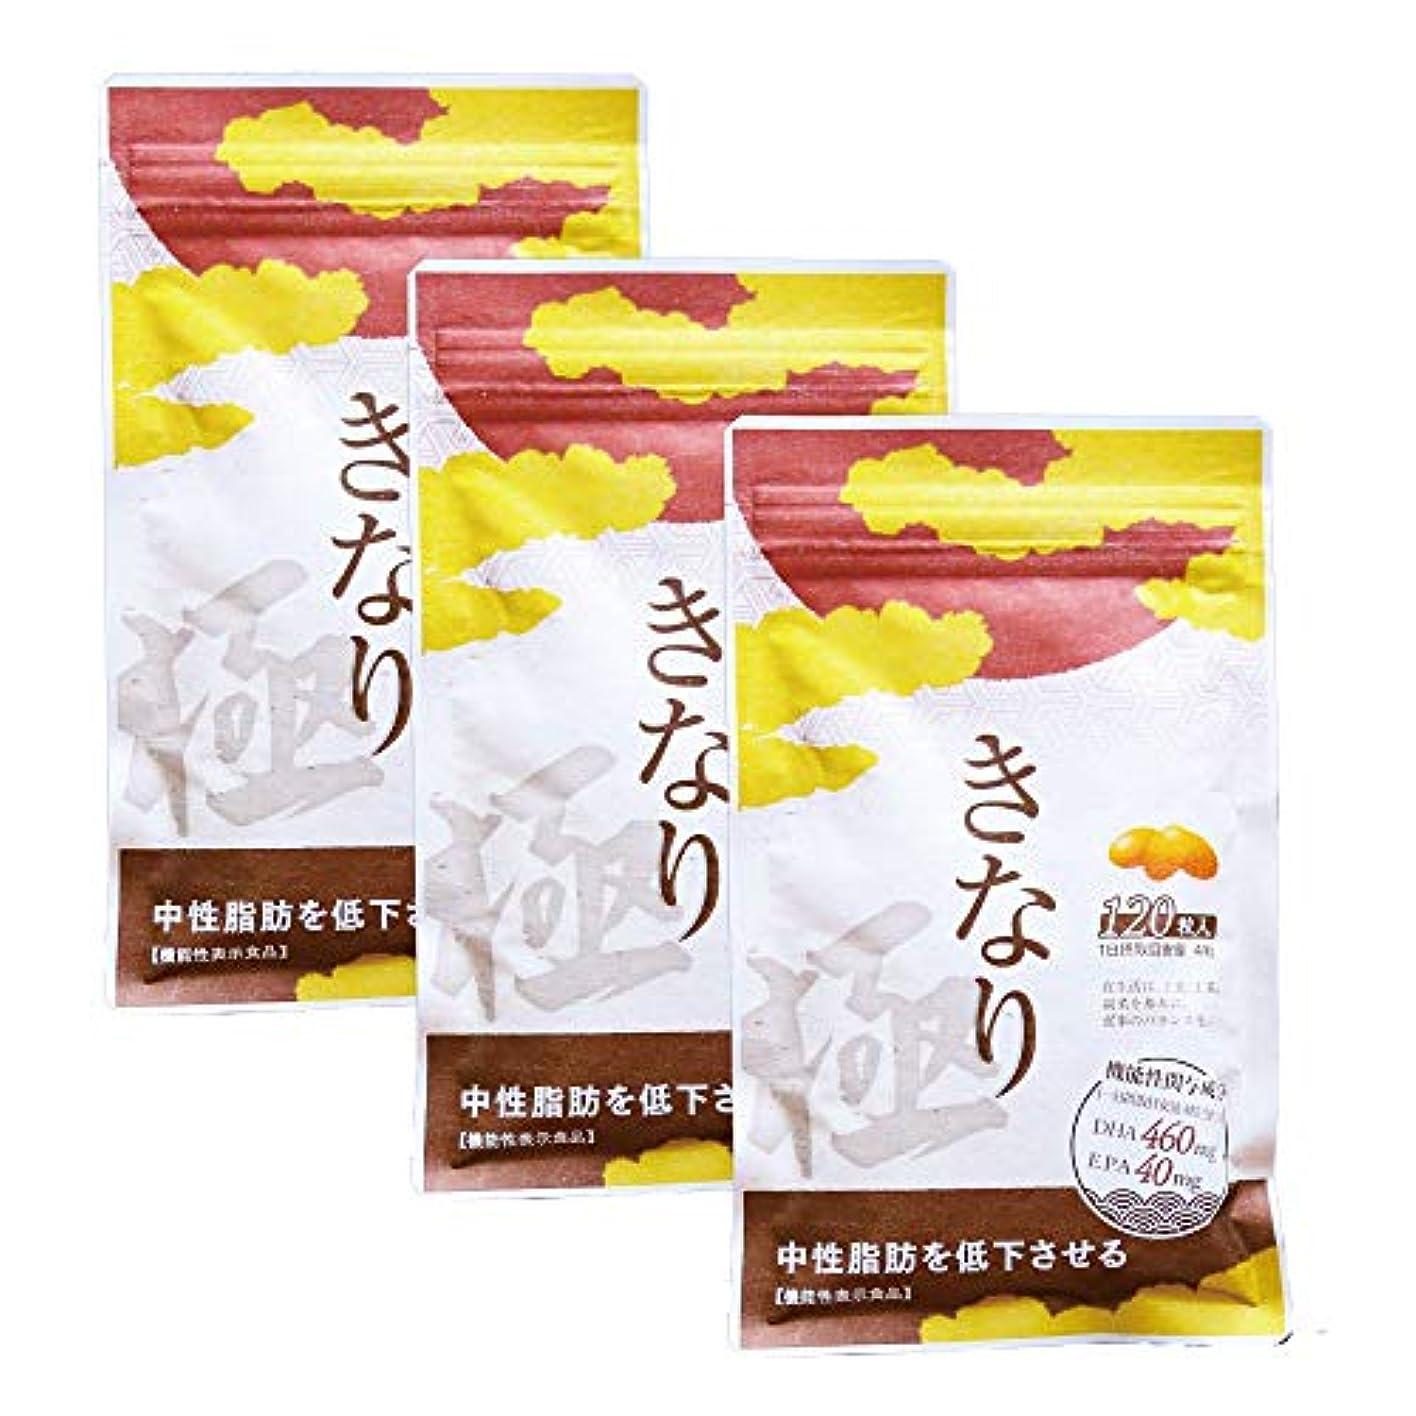 モルヒネ根拠エキサイティングさくらの森 きなり極 中性脂肪を低下させる 【機能性表示食品】 国産DHA?EPAサプリメント 3袋セット